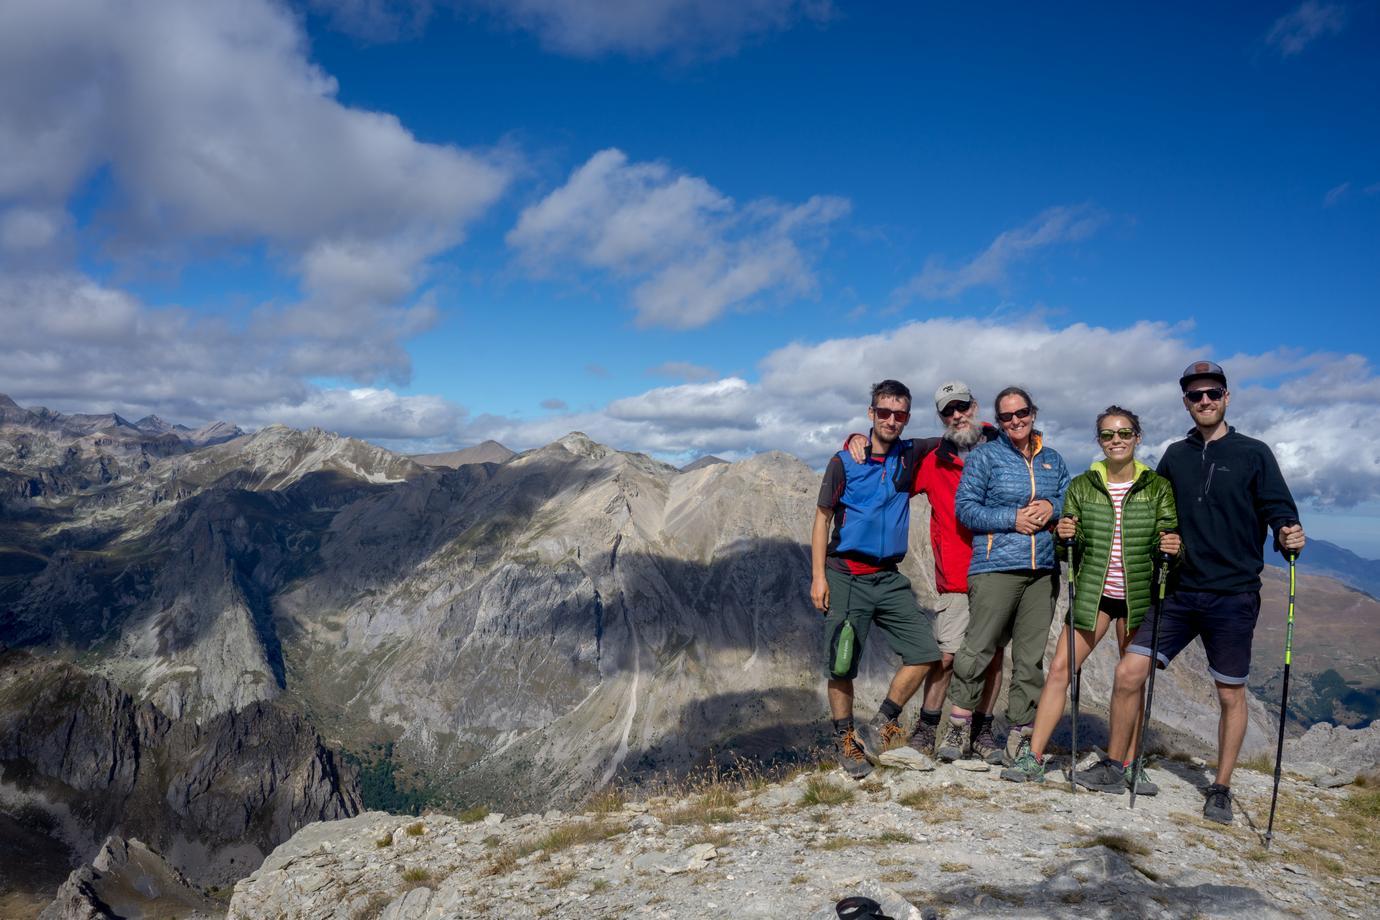 team building vetta trekking alpi natura